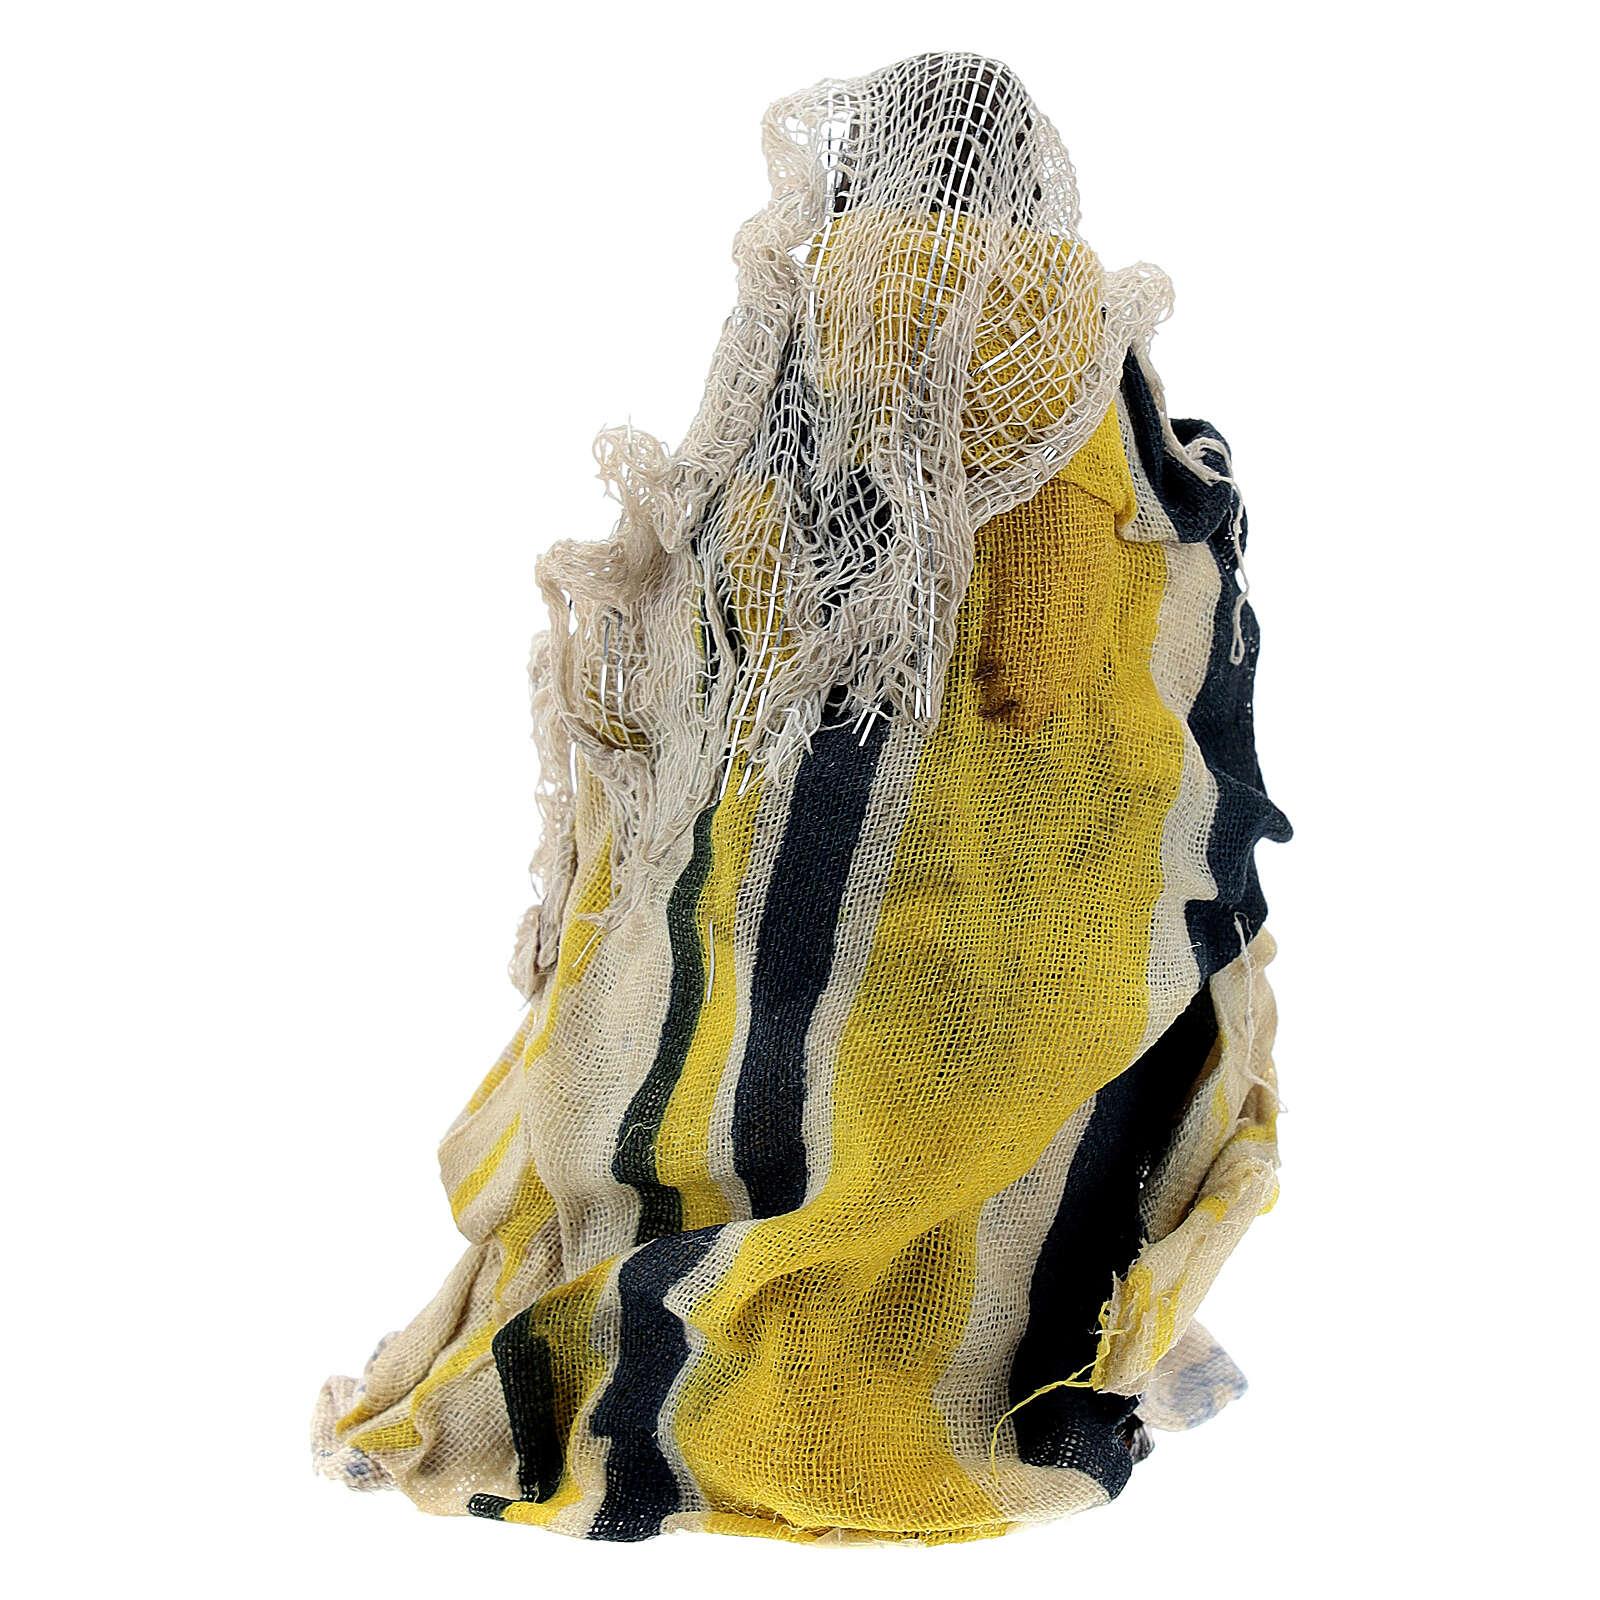 Mujer sentada niño brazo terracota 8 cm belén napolitano 4